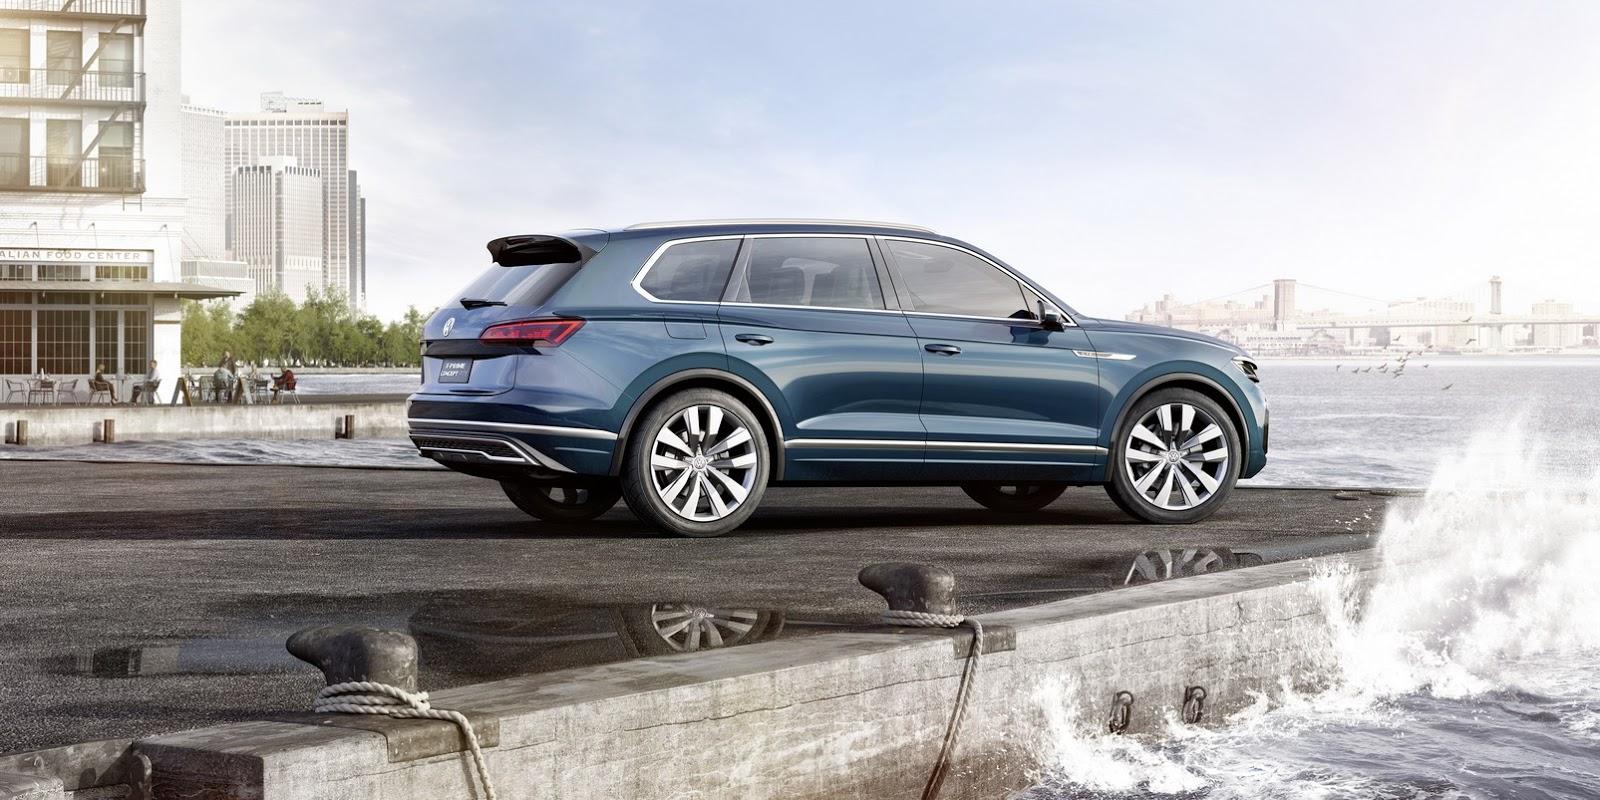 VW-T-Prime-25-04-2016-6